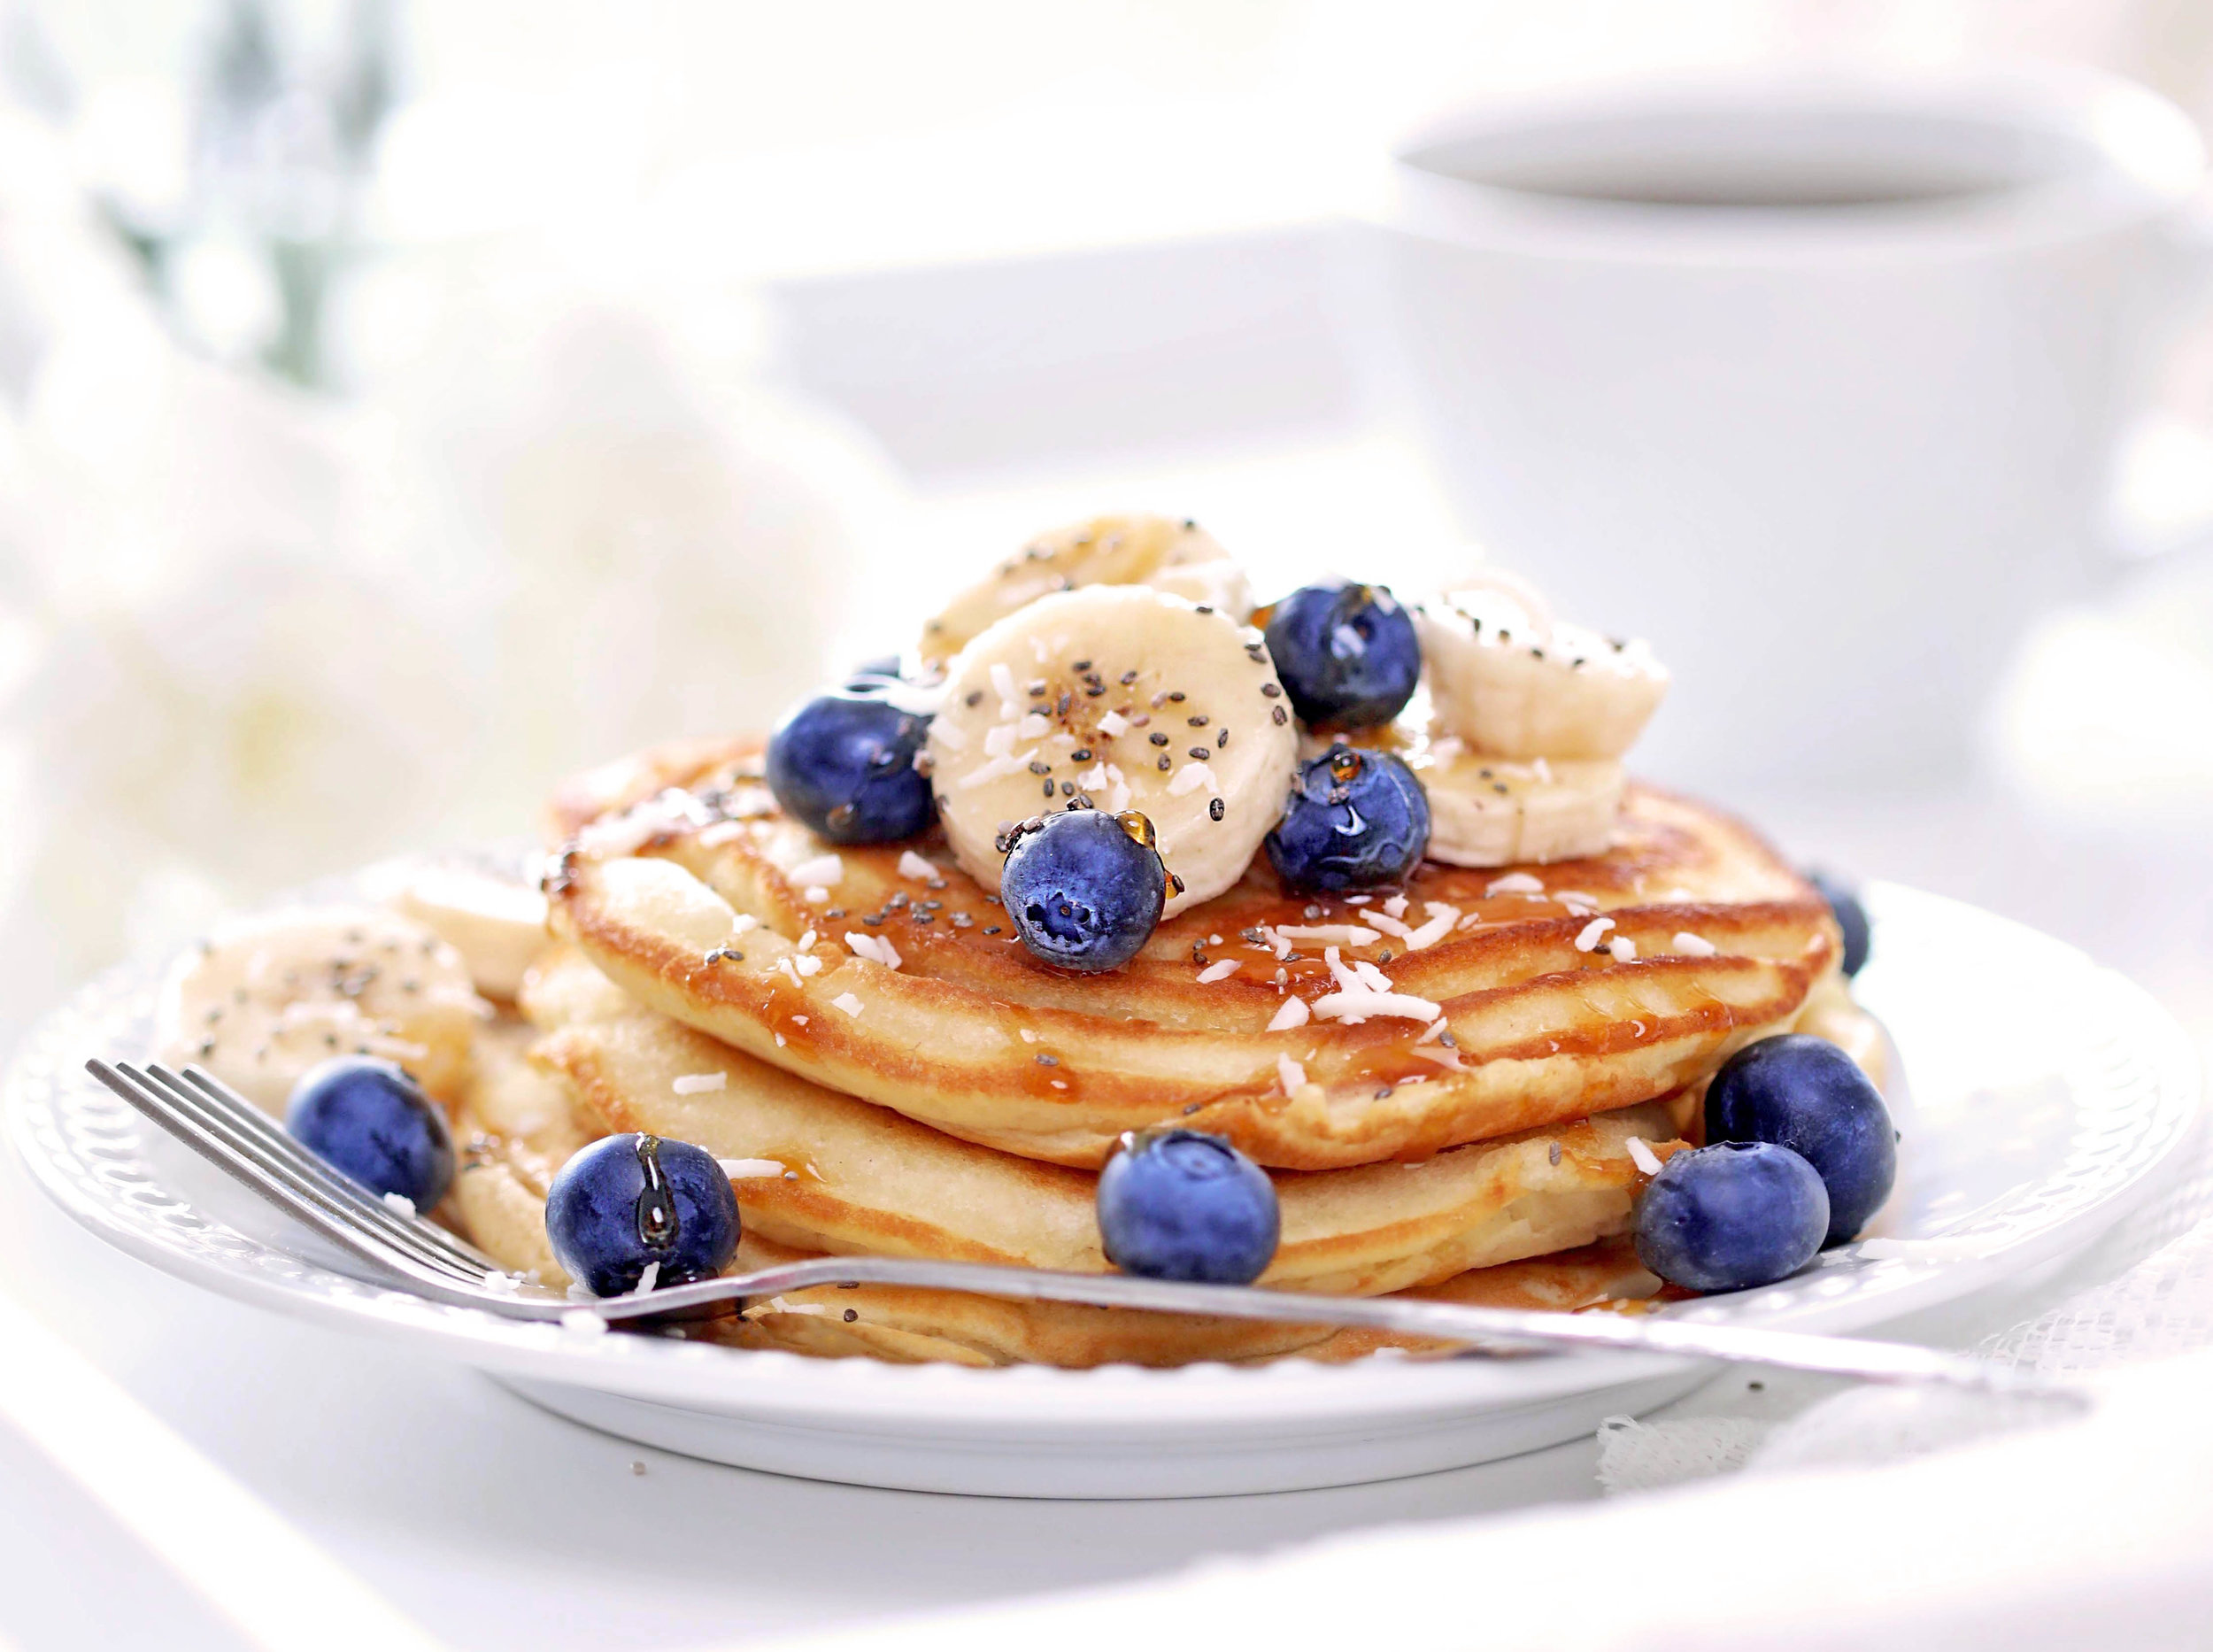 pancakes_natural_light_maha_munaf.jpg